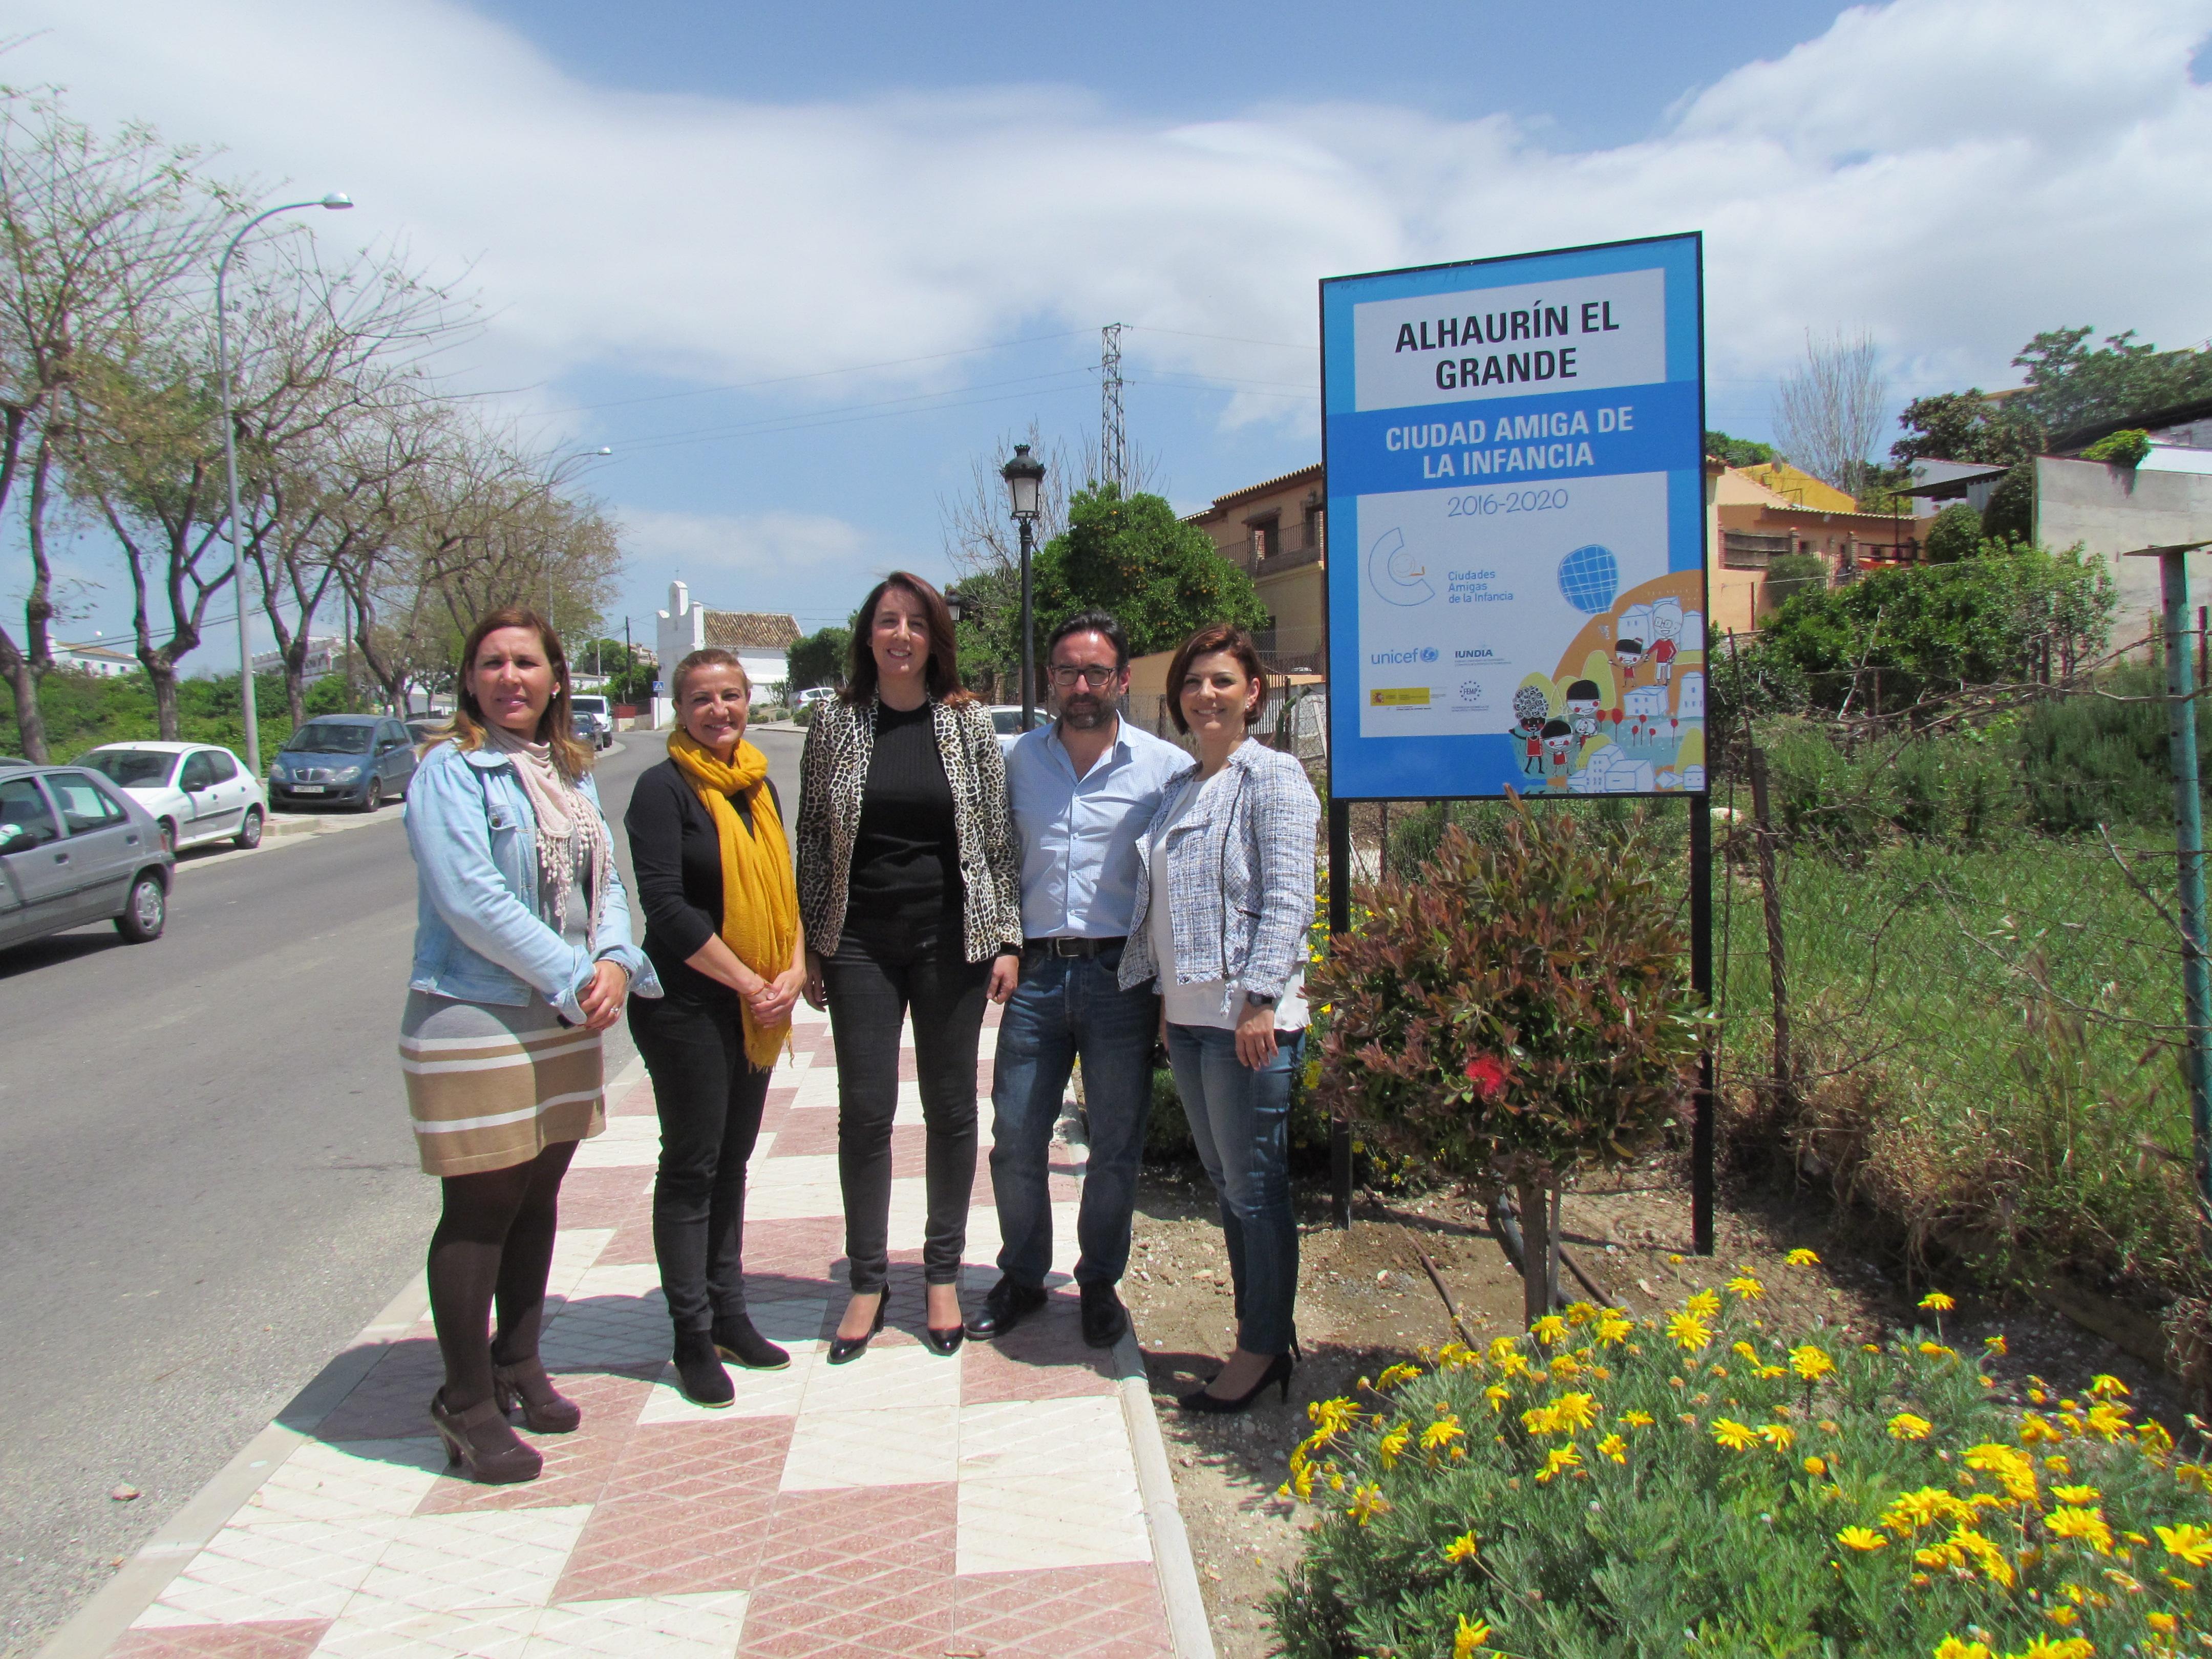 Alhaurín el Grande – El Ayuntamiento instala los paneles identificativos de Ciudad Amiga de la Infancia de UNICEF